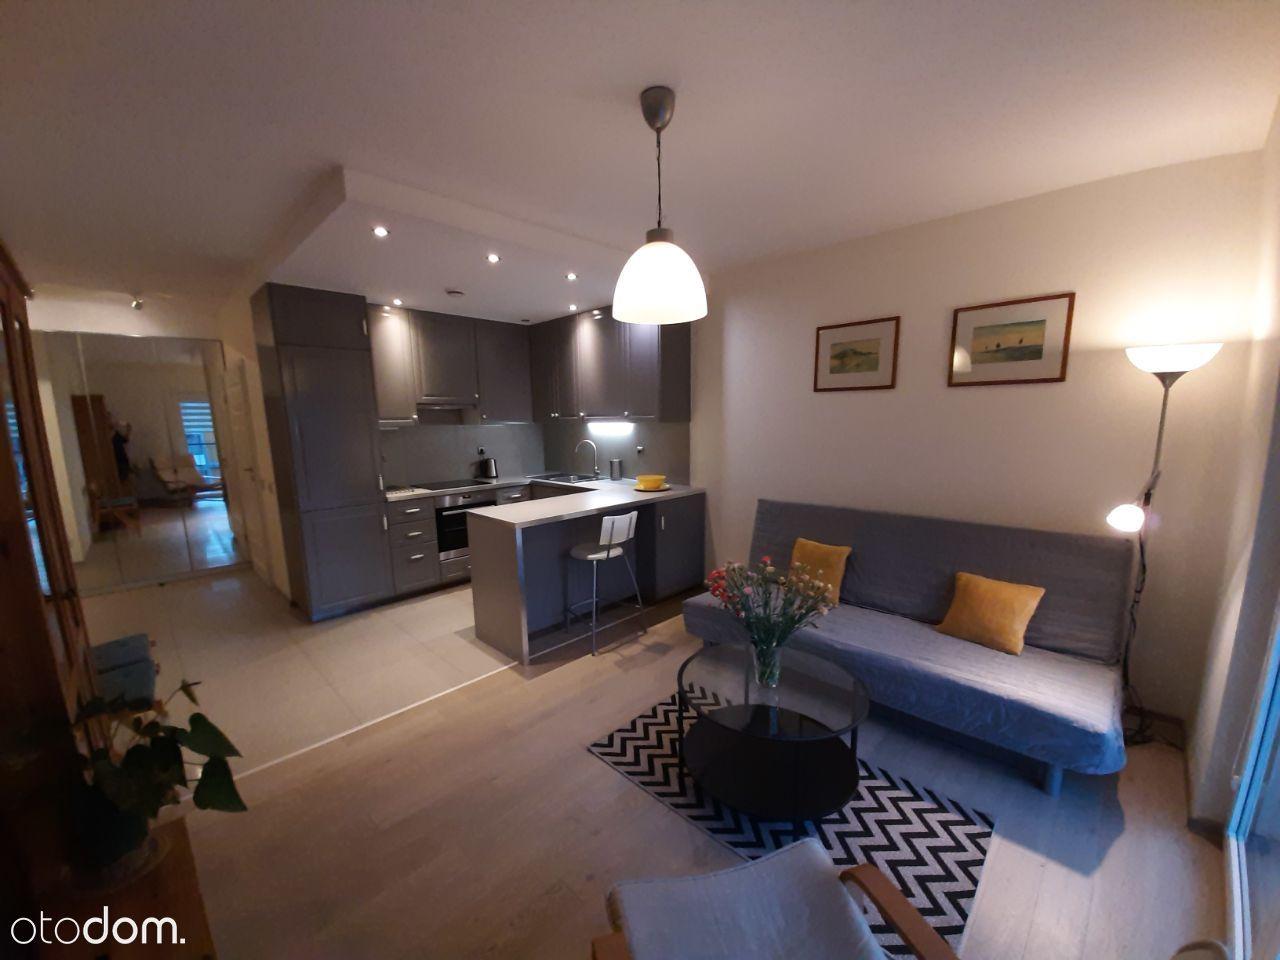 Apartament 49m, Garbary Poznań WYNAJEM BEZPOŚREDNI